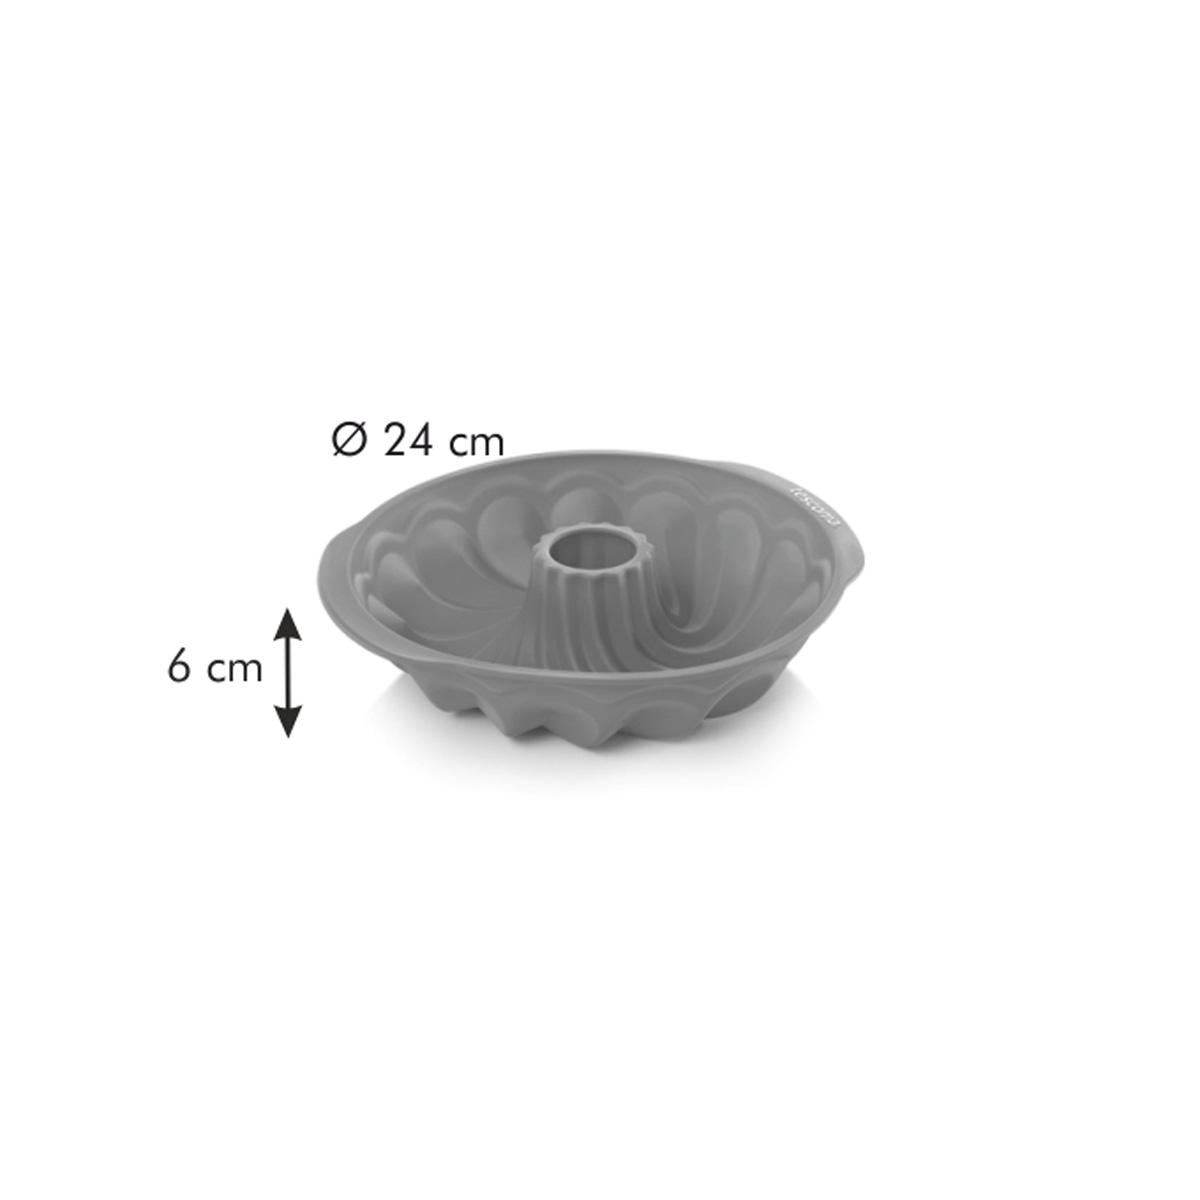 Bábovka nízká DELÍCIA SiliconPRIME ø 24 cm